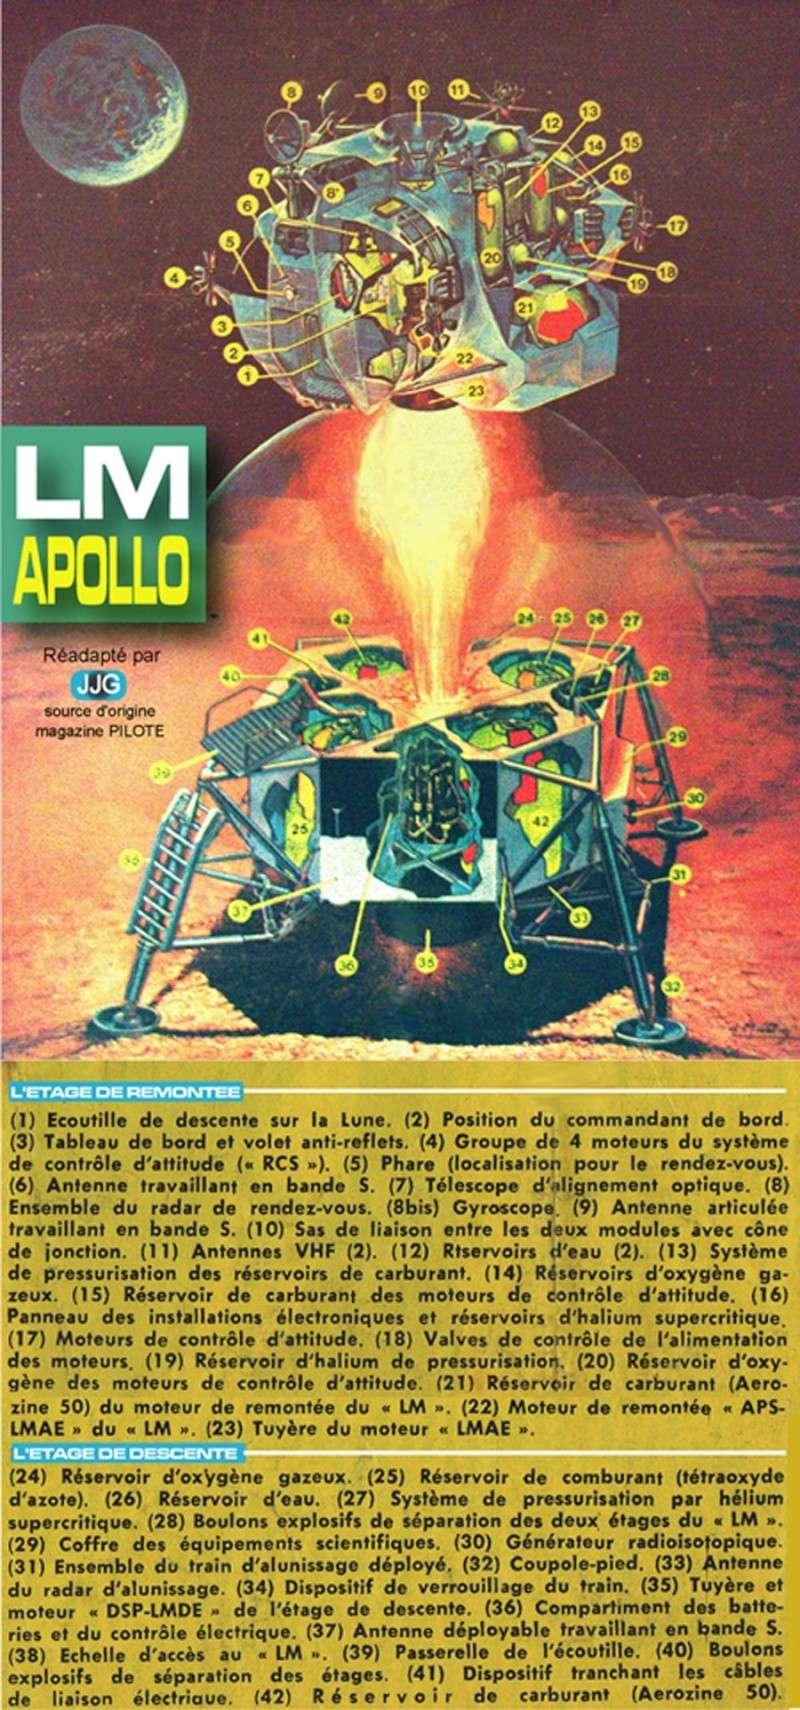 Le module lunaire d'Apollo Lmapol10